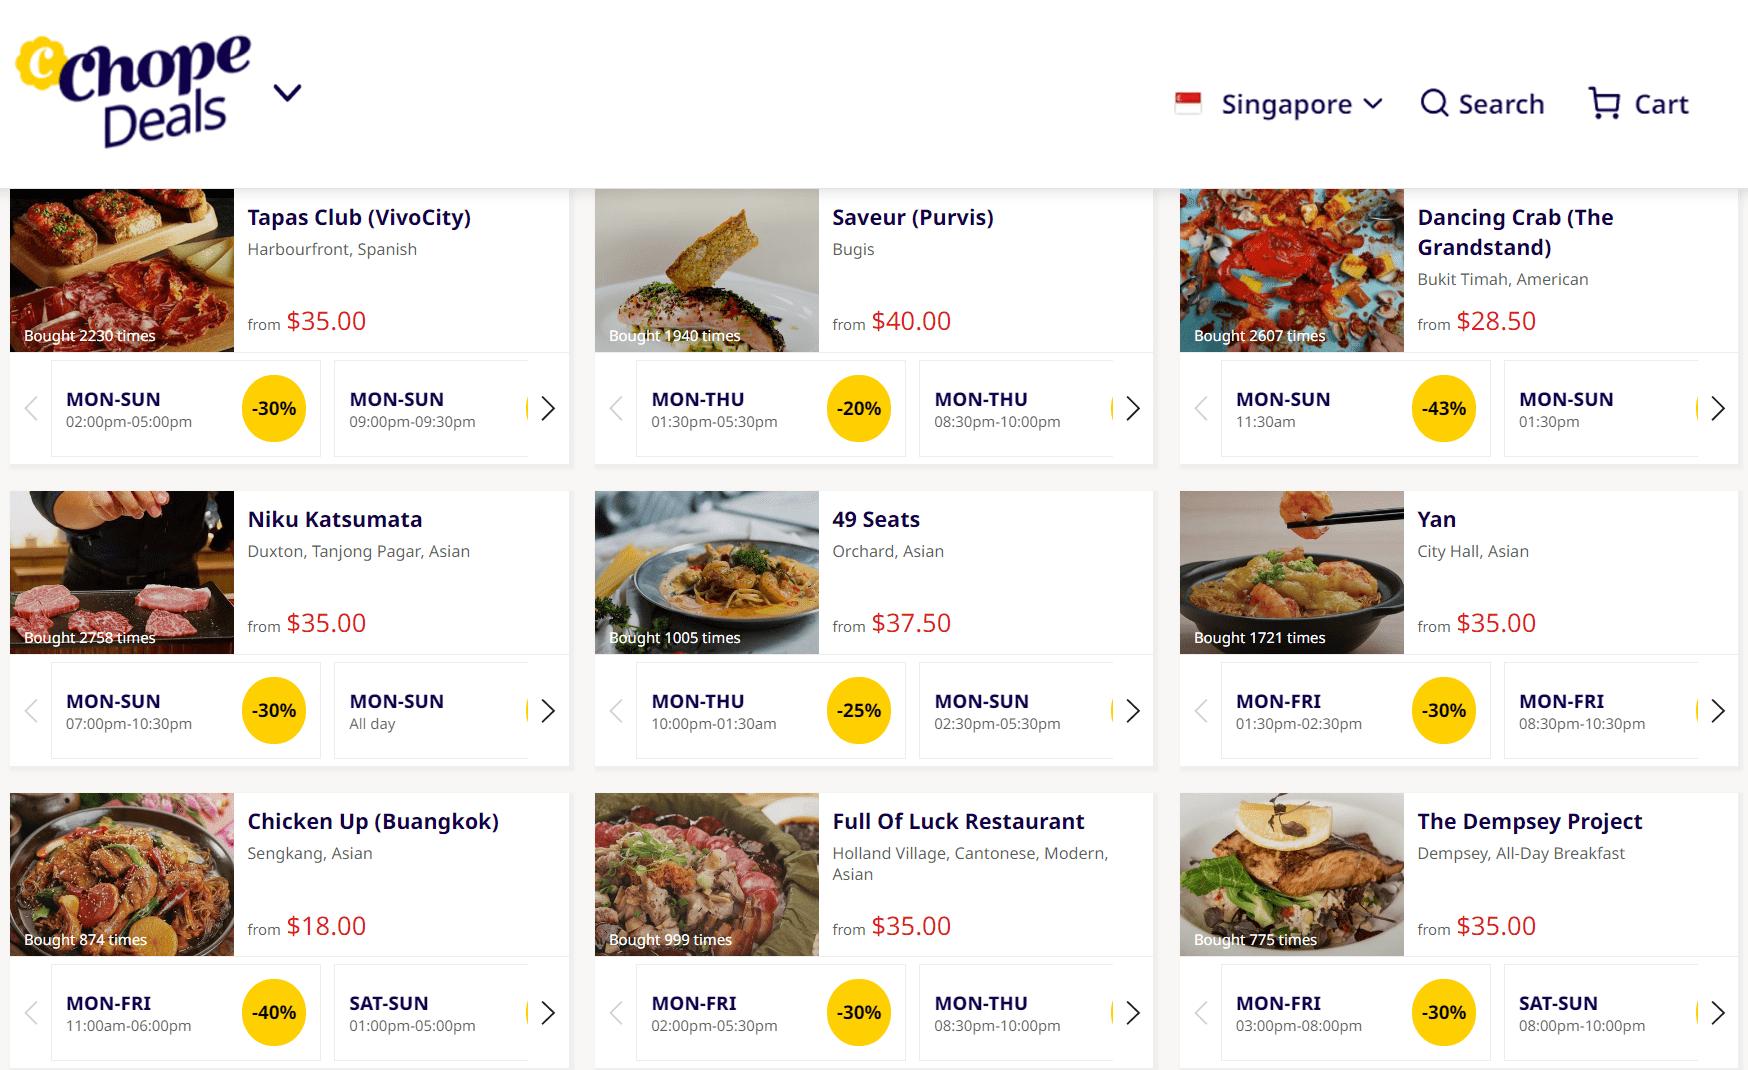 ChopeDeals Dining Vouchers